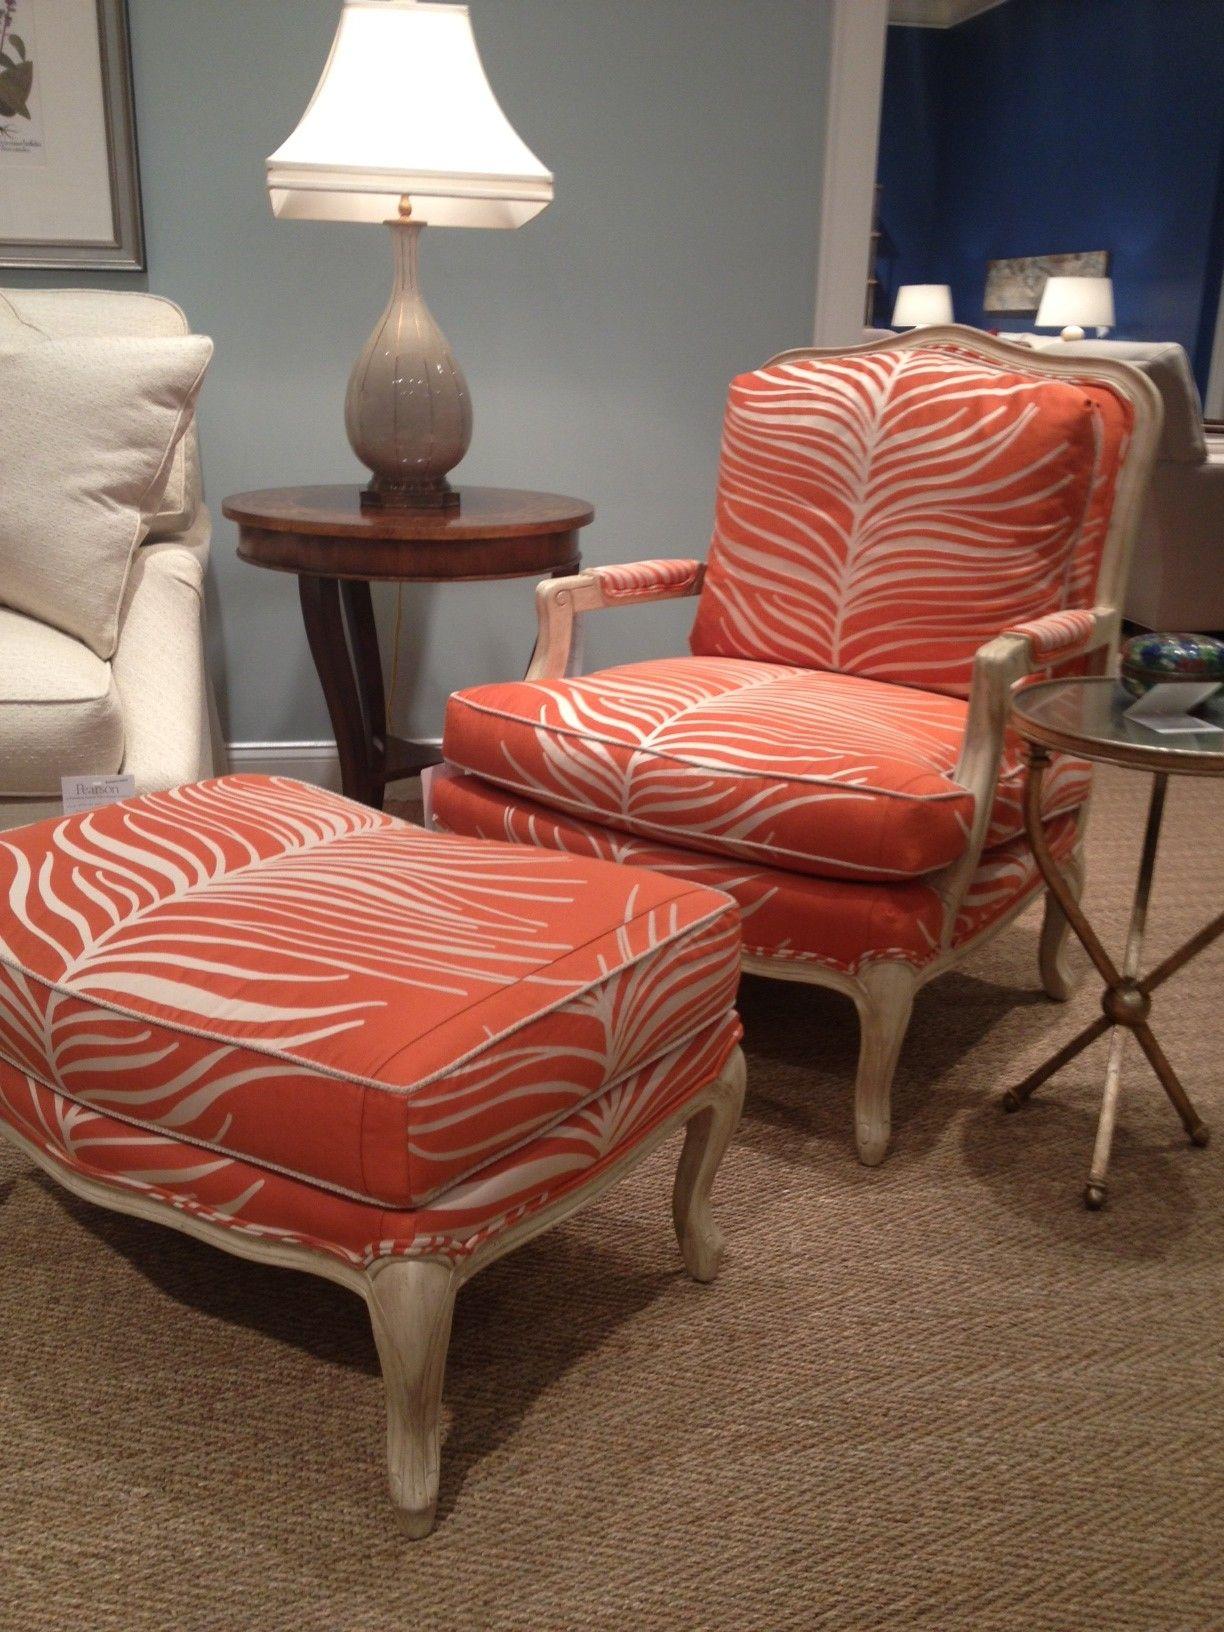 Pearson Furniture Fab Orange Animal Print Chair Hpmkt Gretchen